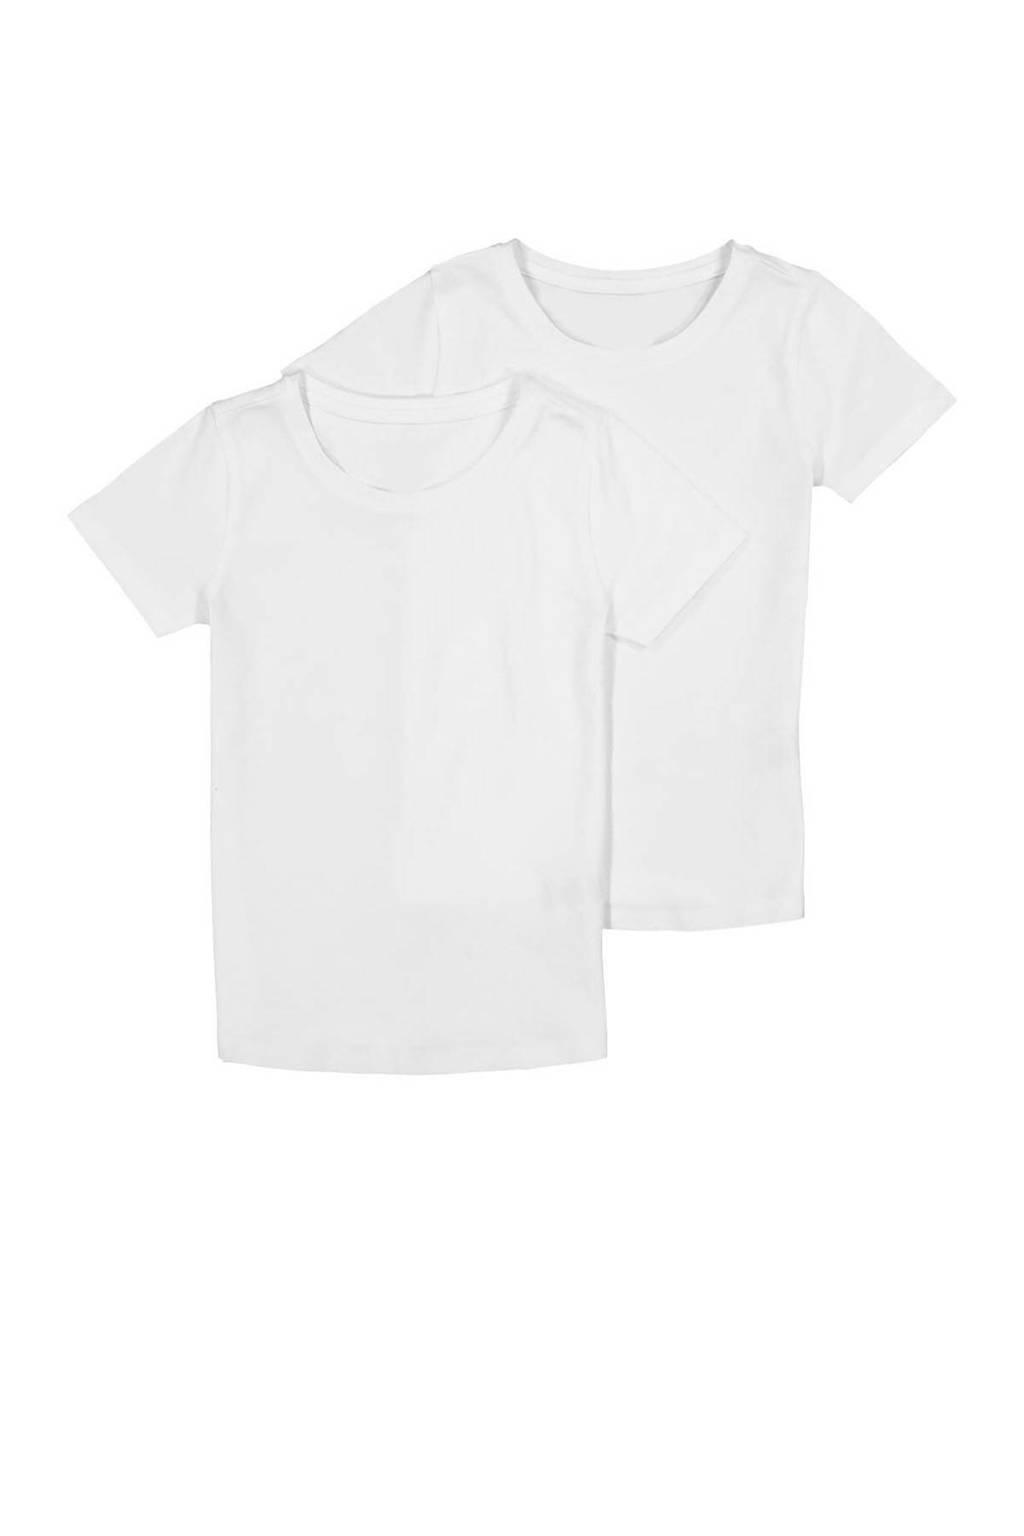 HEMA basic T-shirt - set van 2 met biologisch katoen wit, Wit